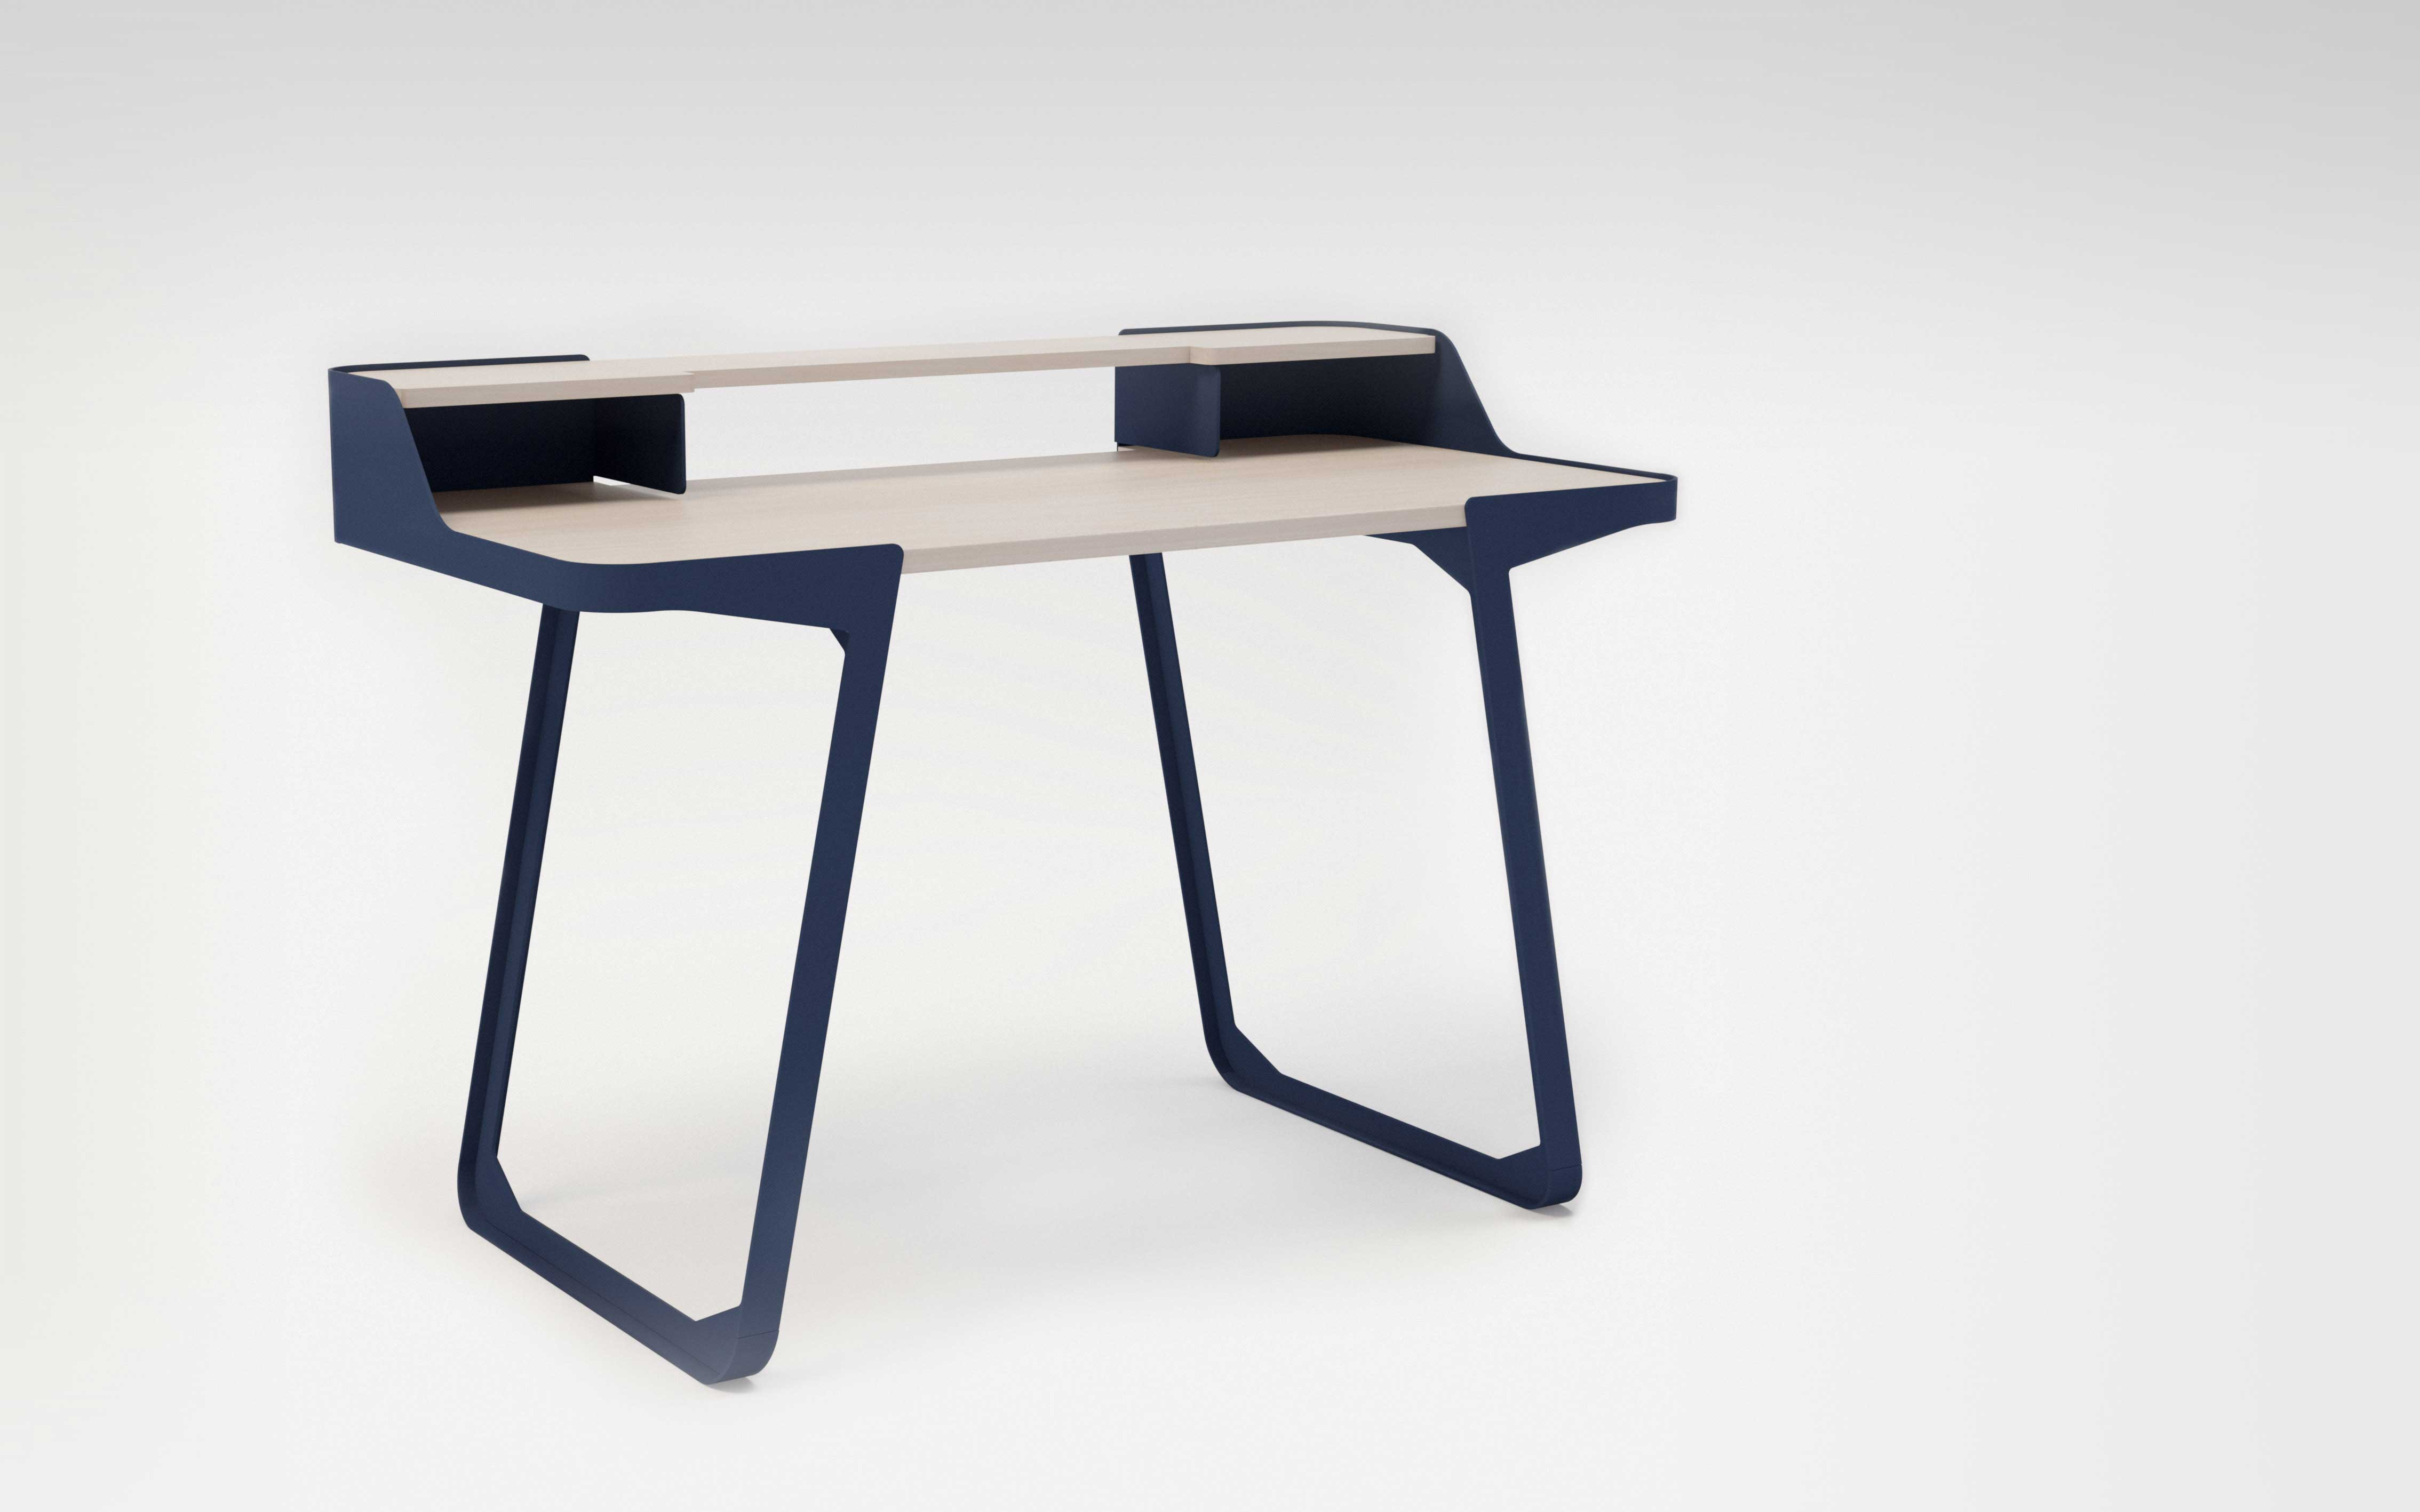 Bureau au design moderne - Bureau moderne design ...